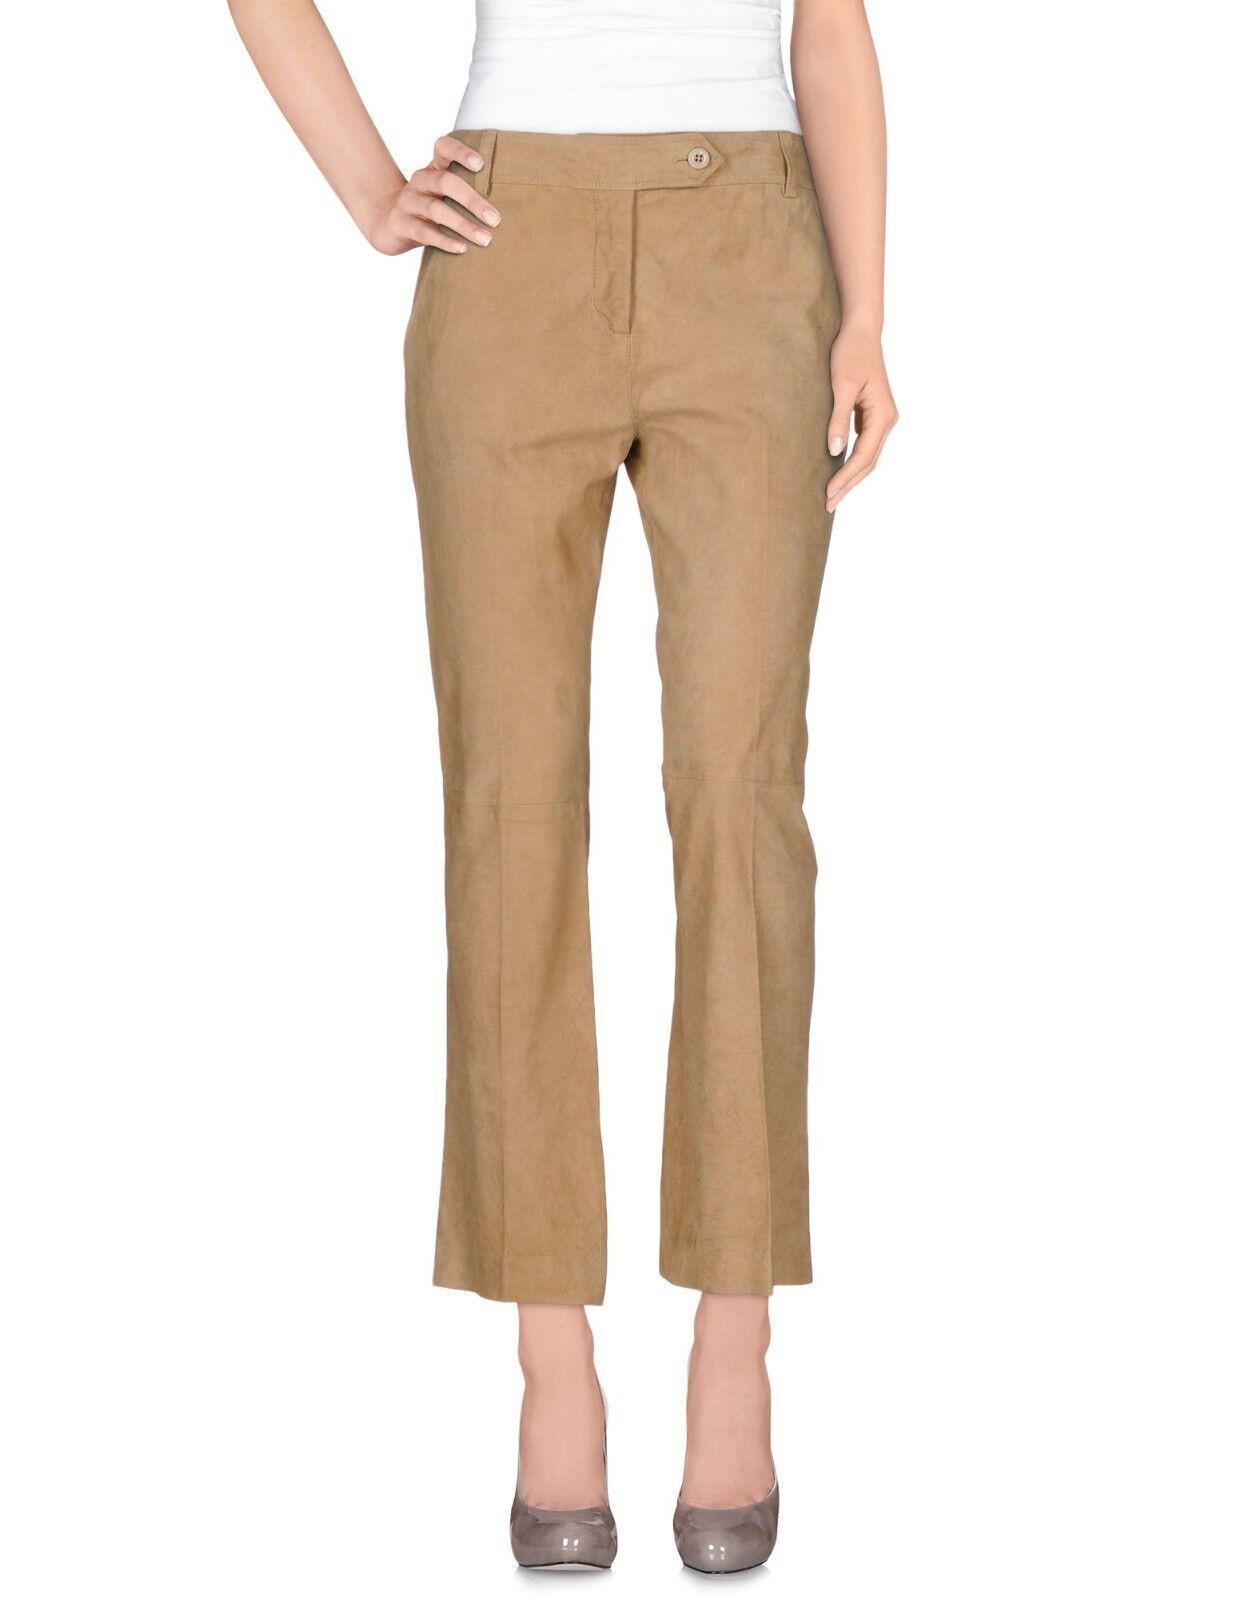 Ermanno Ermanno Ermanno Scervino Suede Leather Beige Pants Trousers - W34 L26.5 | Moderne Technologie  | Großartig  | eine breite Palette von Produkten  0cfdc6